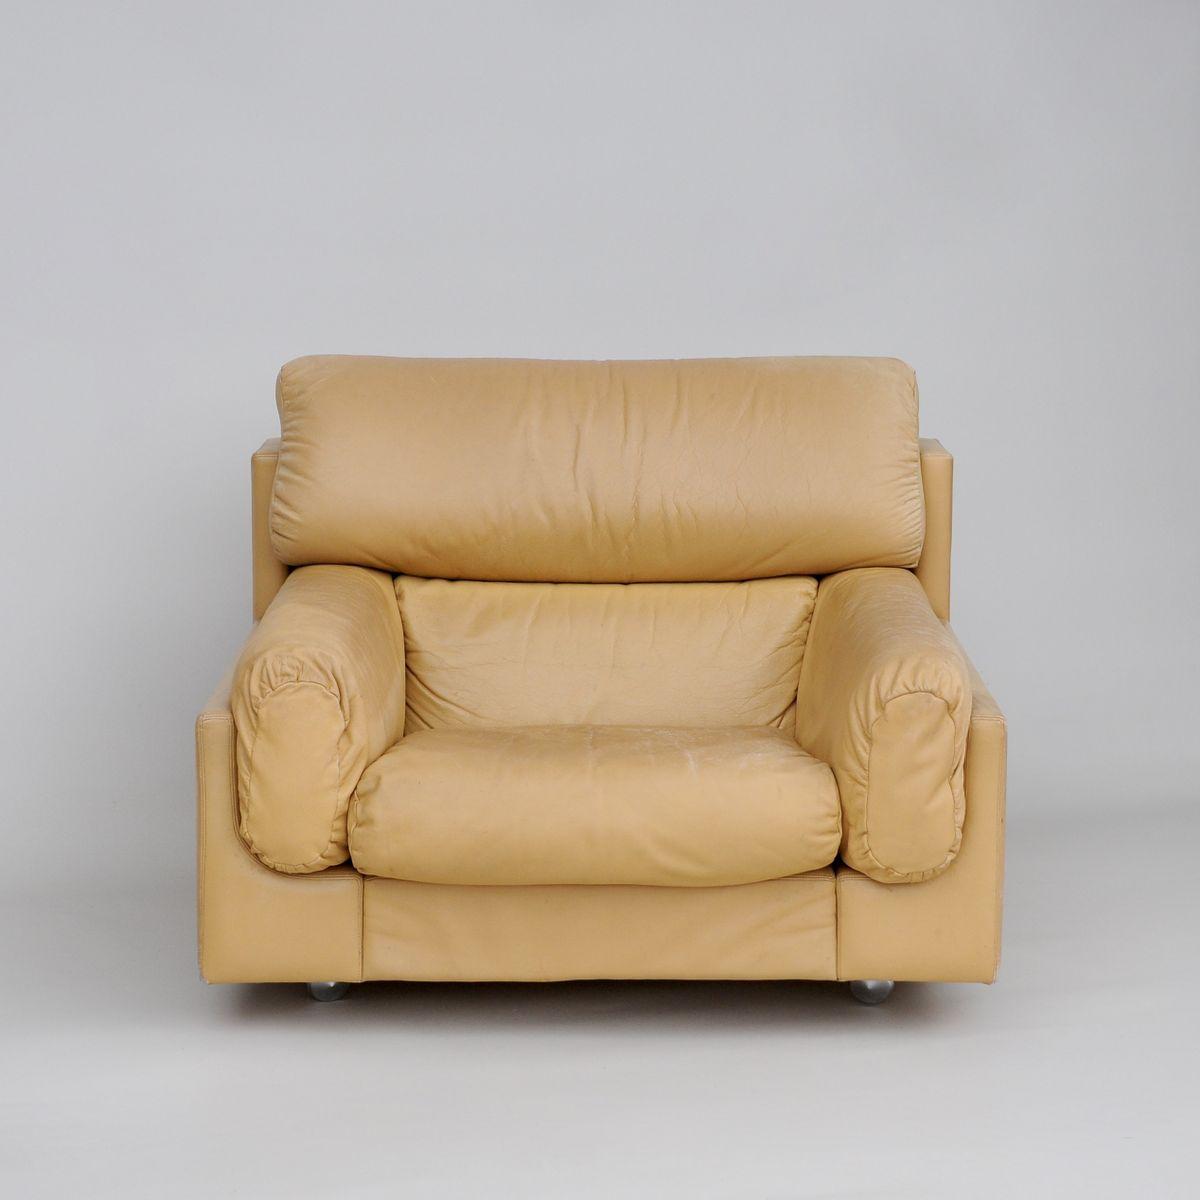 gro er cremefarbener vintage ledersessel bei pamono kaufen. Black Bedroom Furniture Sets. Home Design Ideas